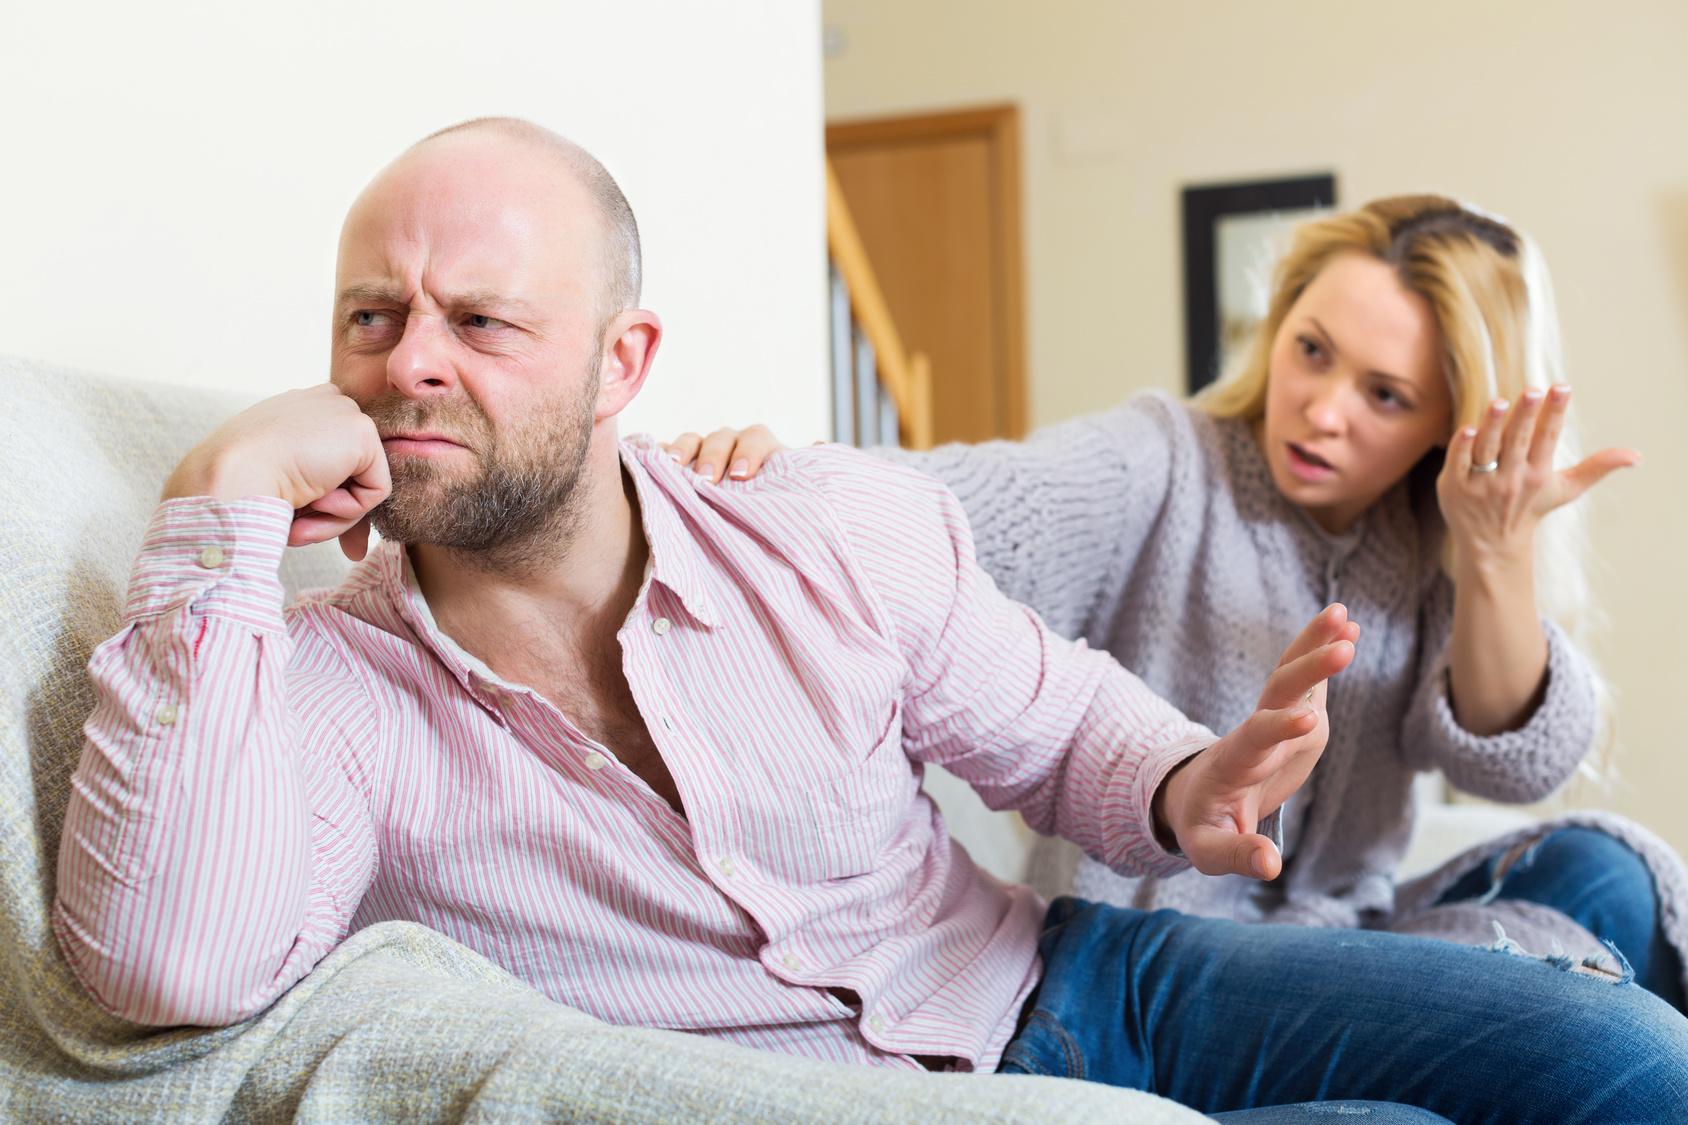 Comment faire confiance à mon conjoint ?